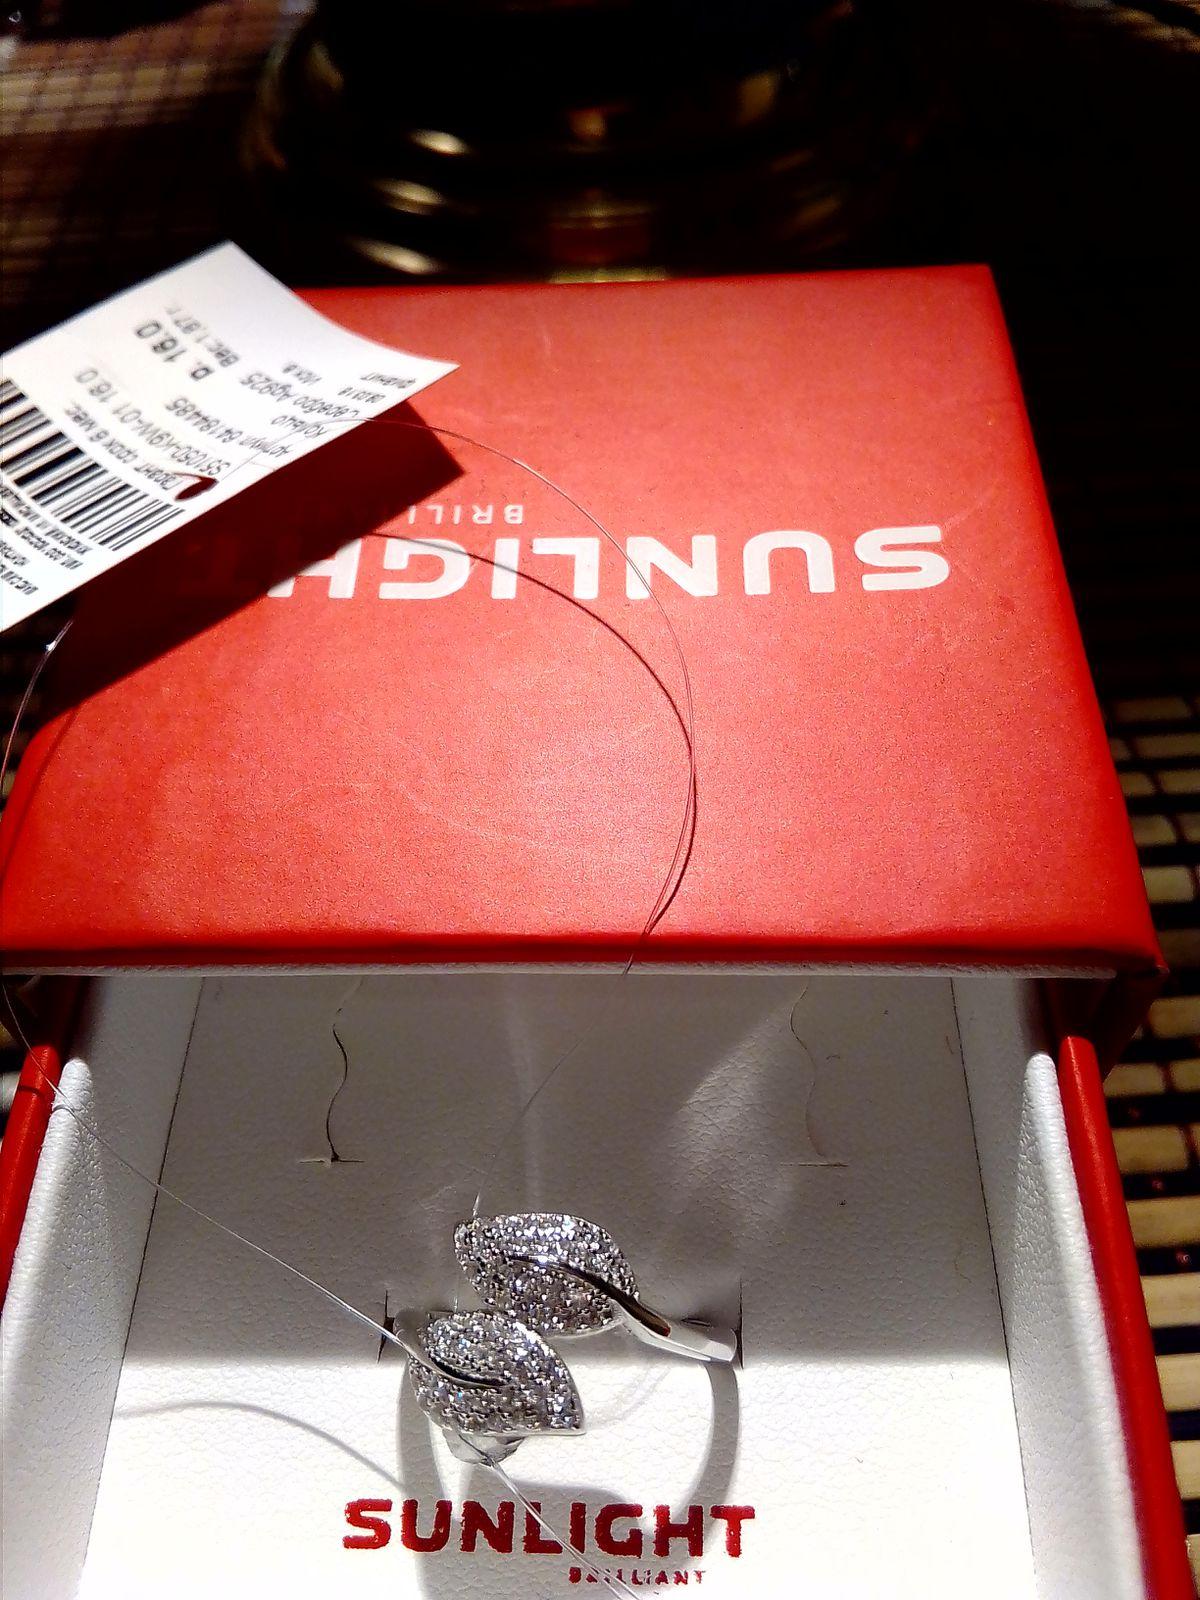 Ещё один подарок для подруги на день рождение))))))))))))))))))))